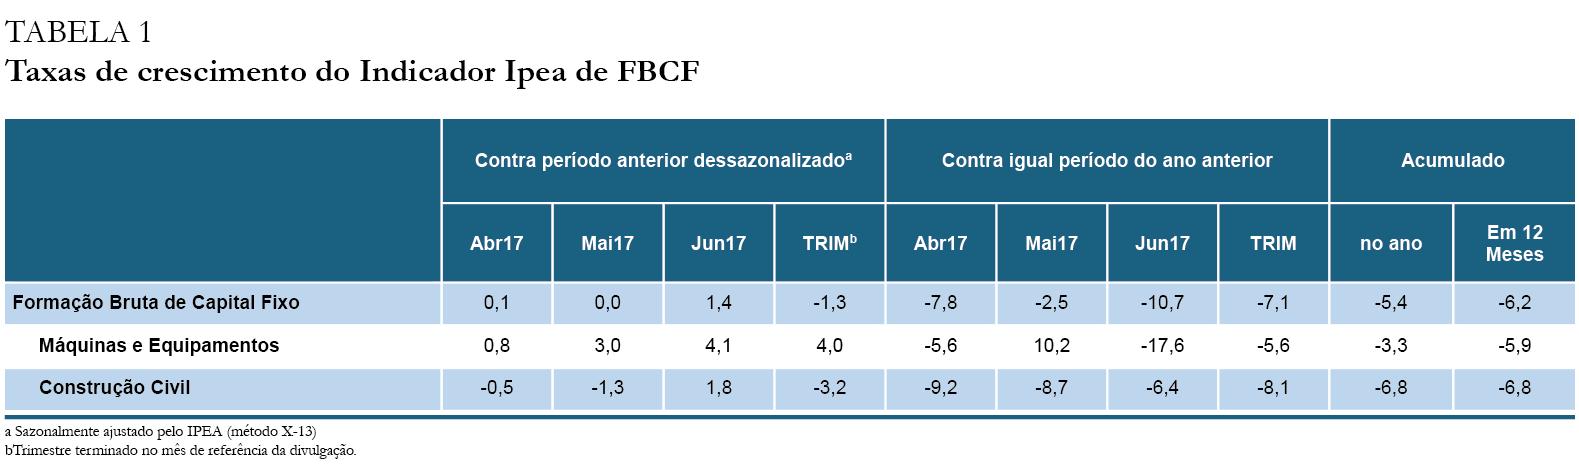 Tabela - Indicador Ipea FBCF jun17_2